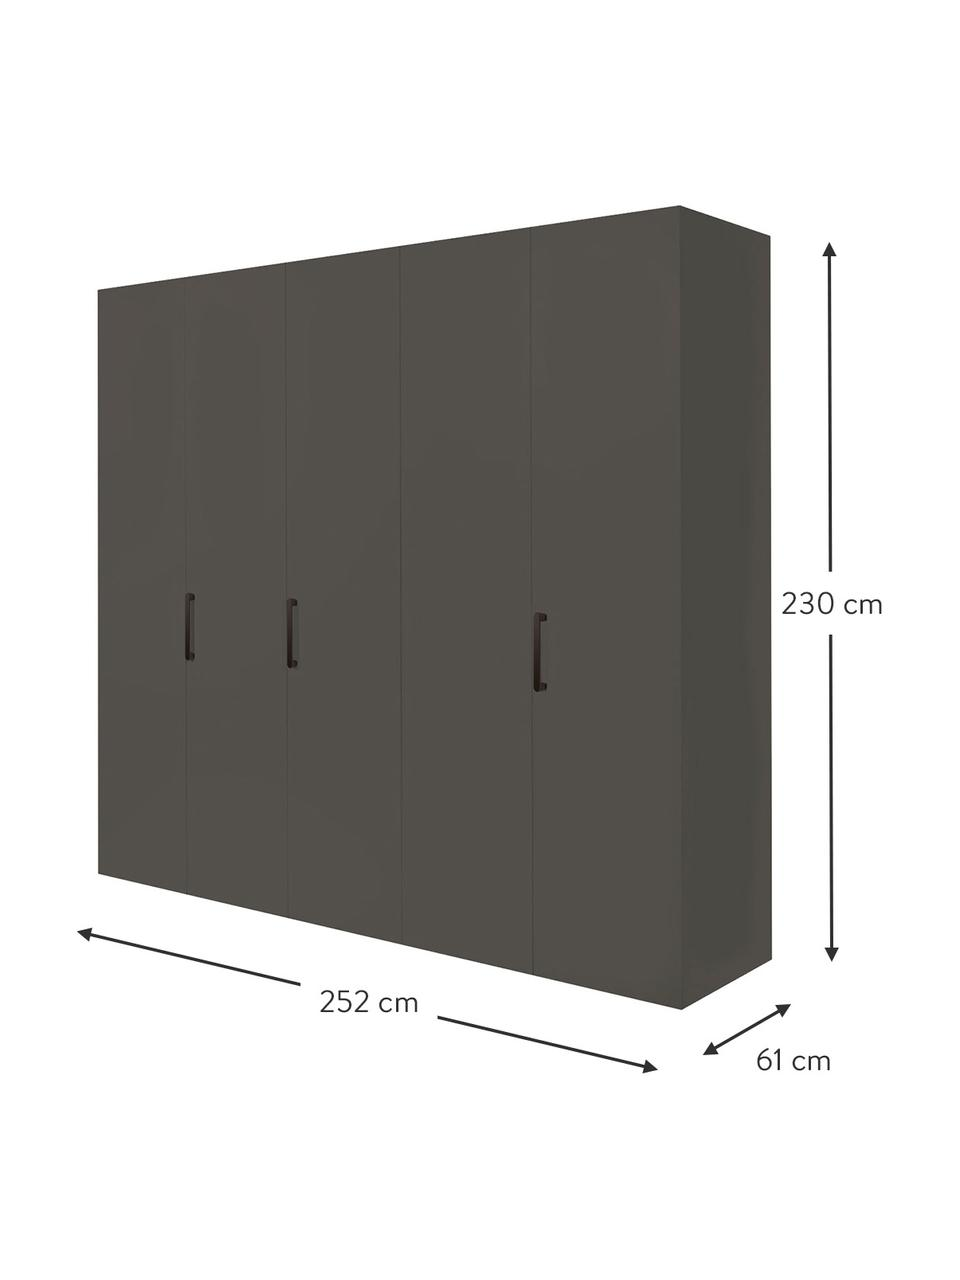 Kleiderschrank Madison 5-türig, inkl. Montageservice, Korpus: Holzwerkstoffplatten, lac, Grau, Ohne Spiegeltür, 252 x 230 cm